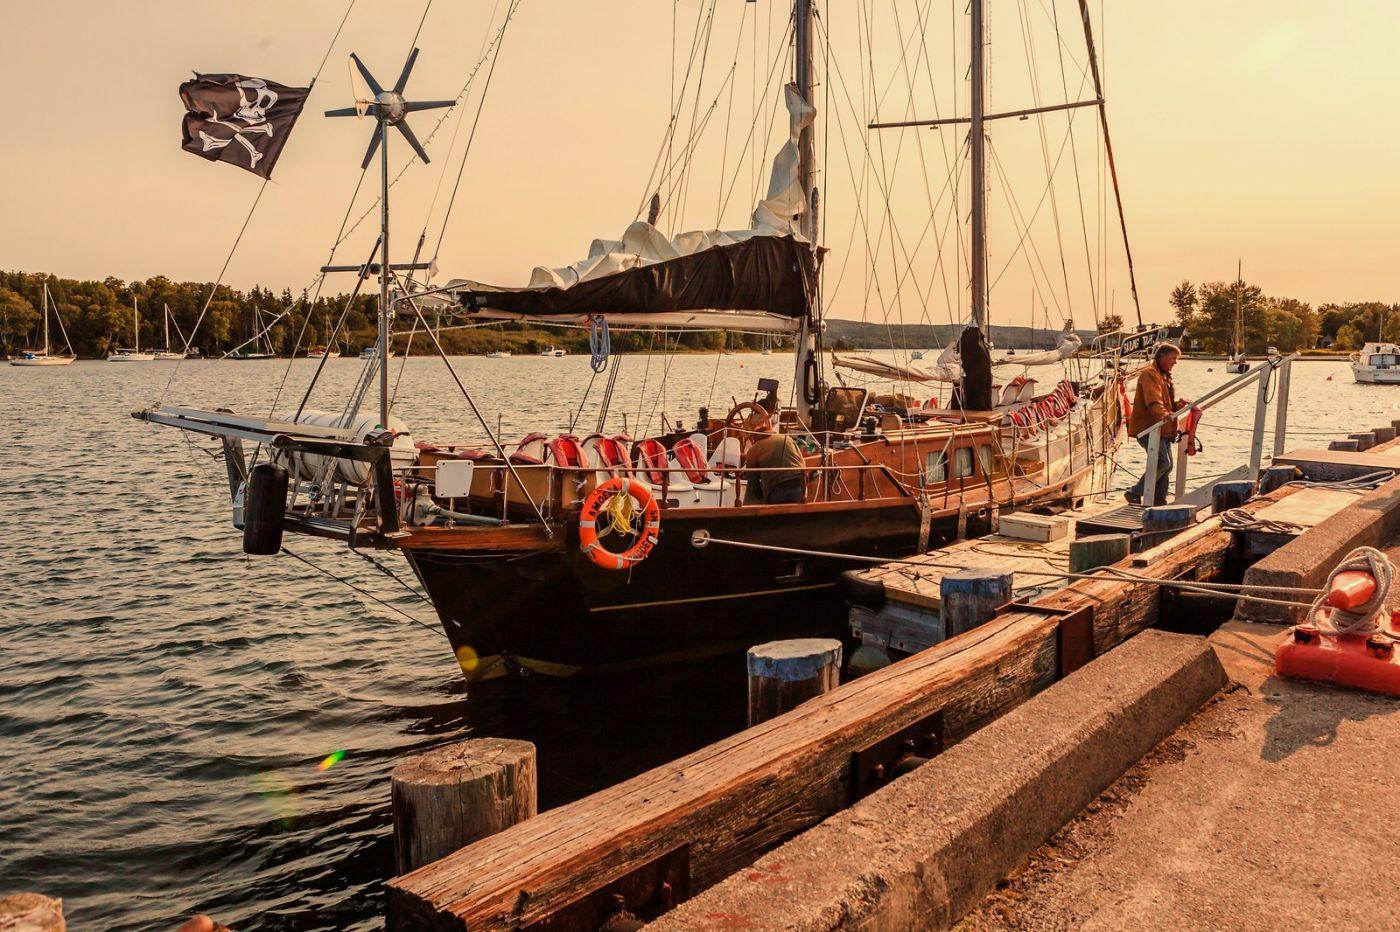 加拿大Nova Scotia, 帆船灯塔老鹰_图1-18